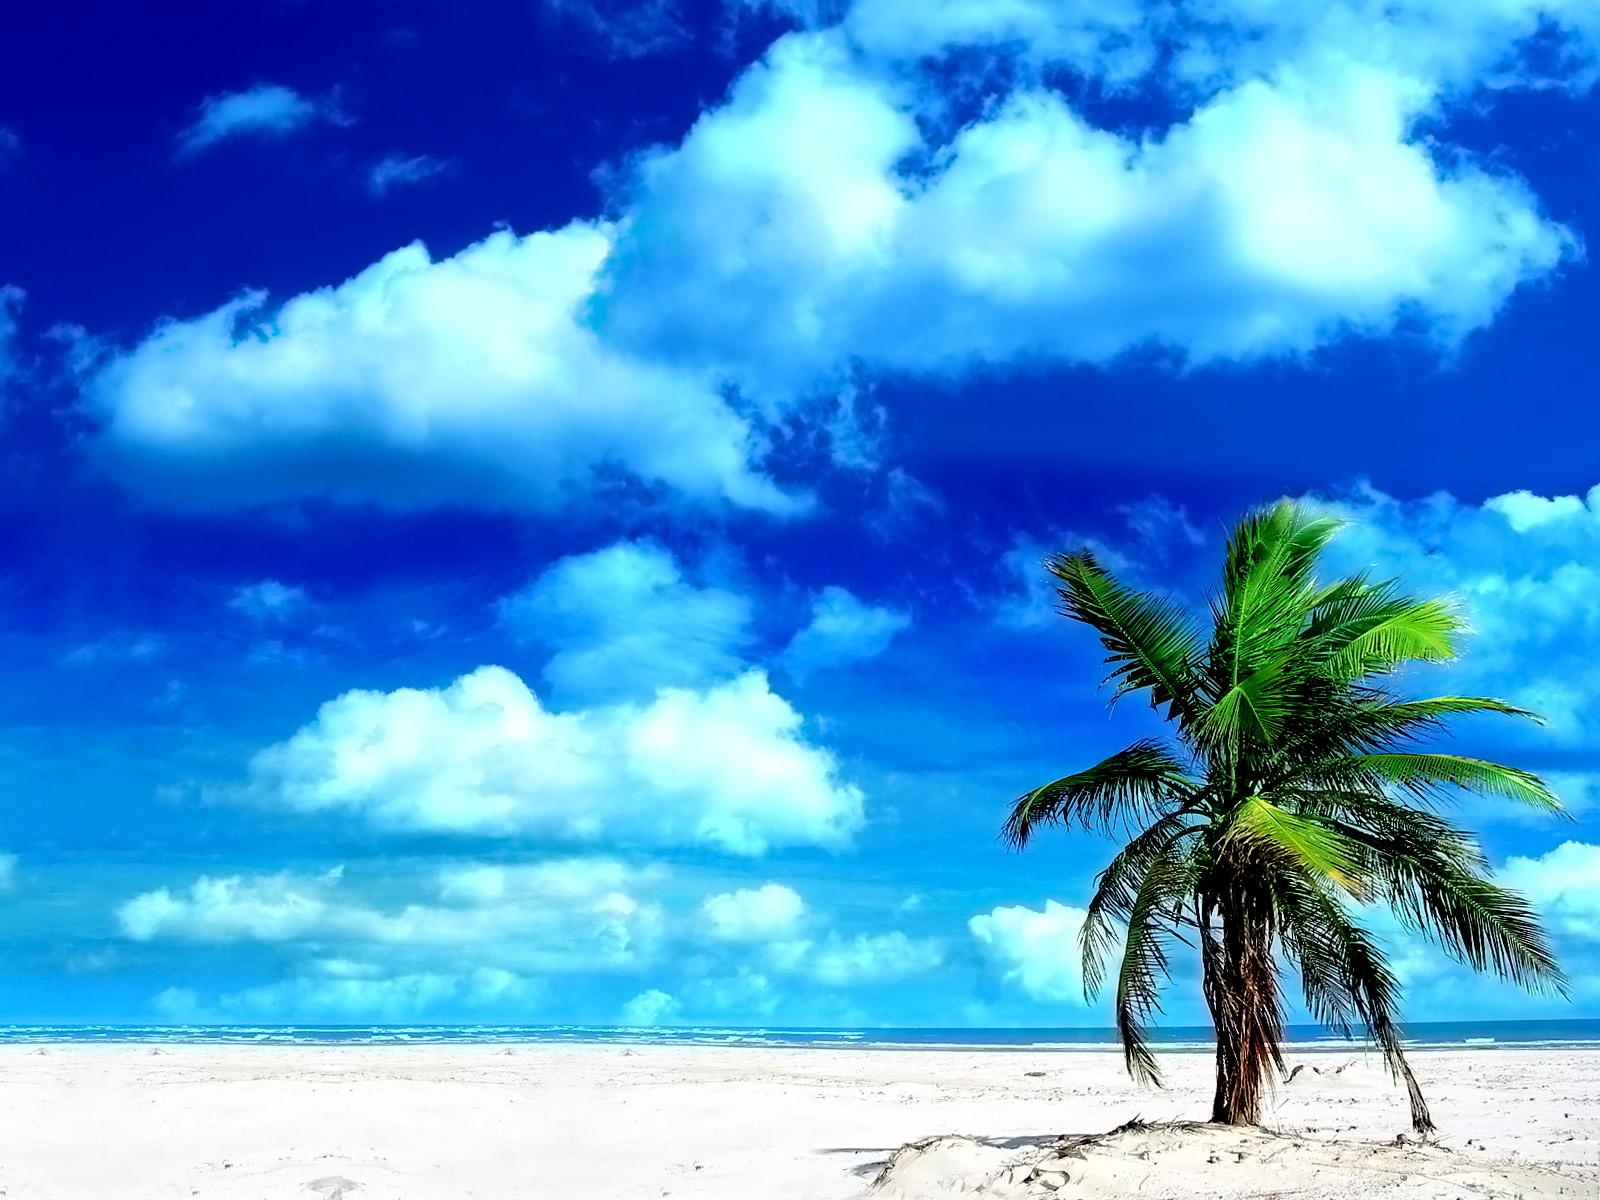 http://2.bp.blogspot.com/-nPwyxZQ7w1A/TexHpDVfk6I/AAAAAAAACVU/6PZecRL4tCY/s1600/Beaches+Wallpapers+3.jpg